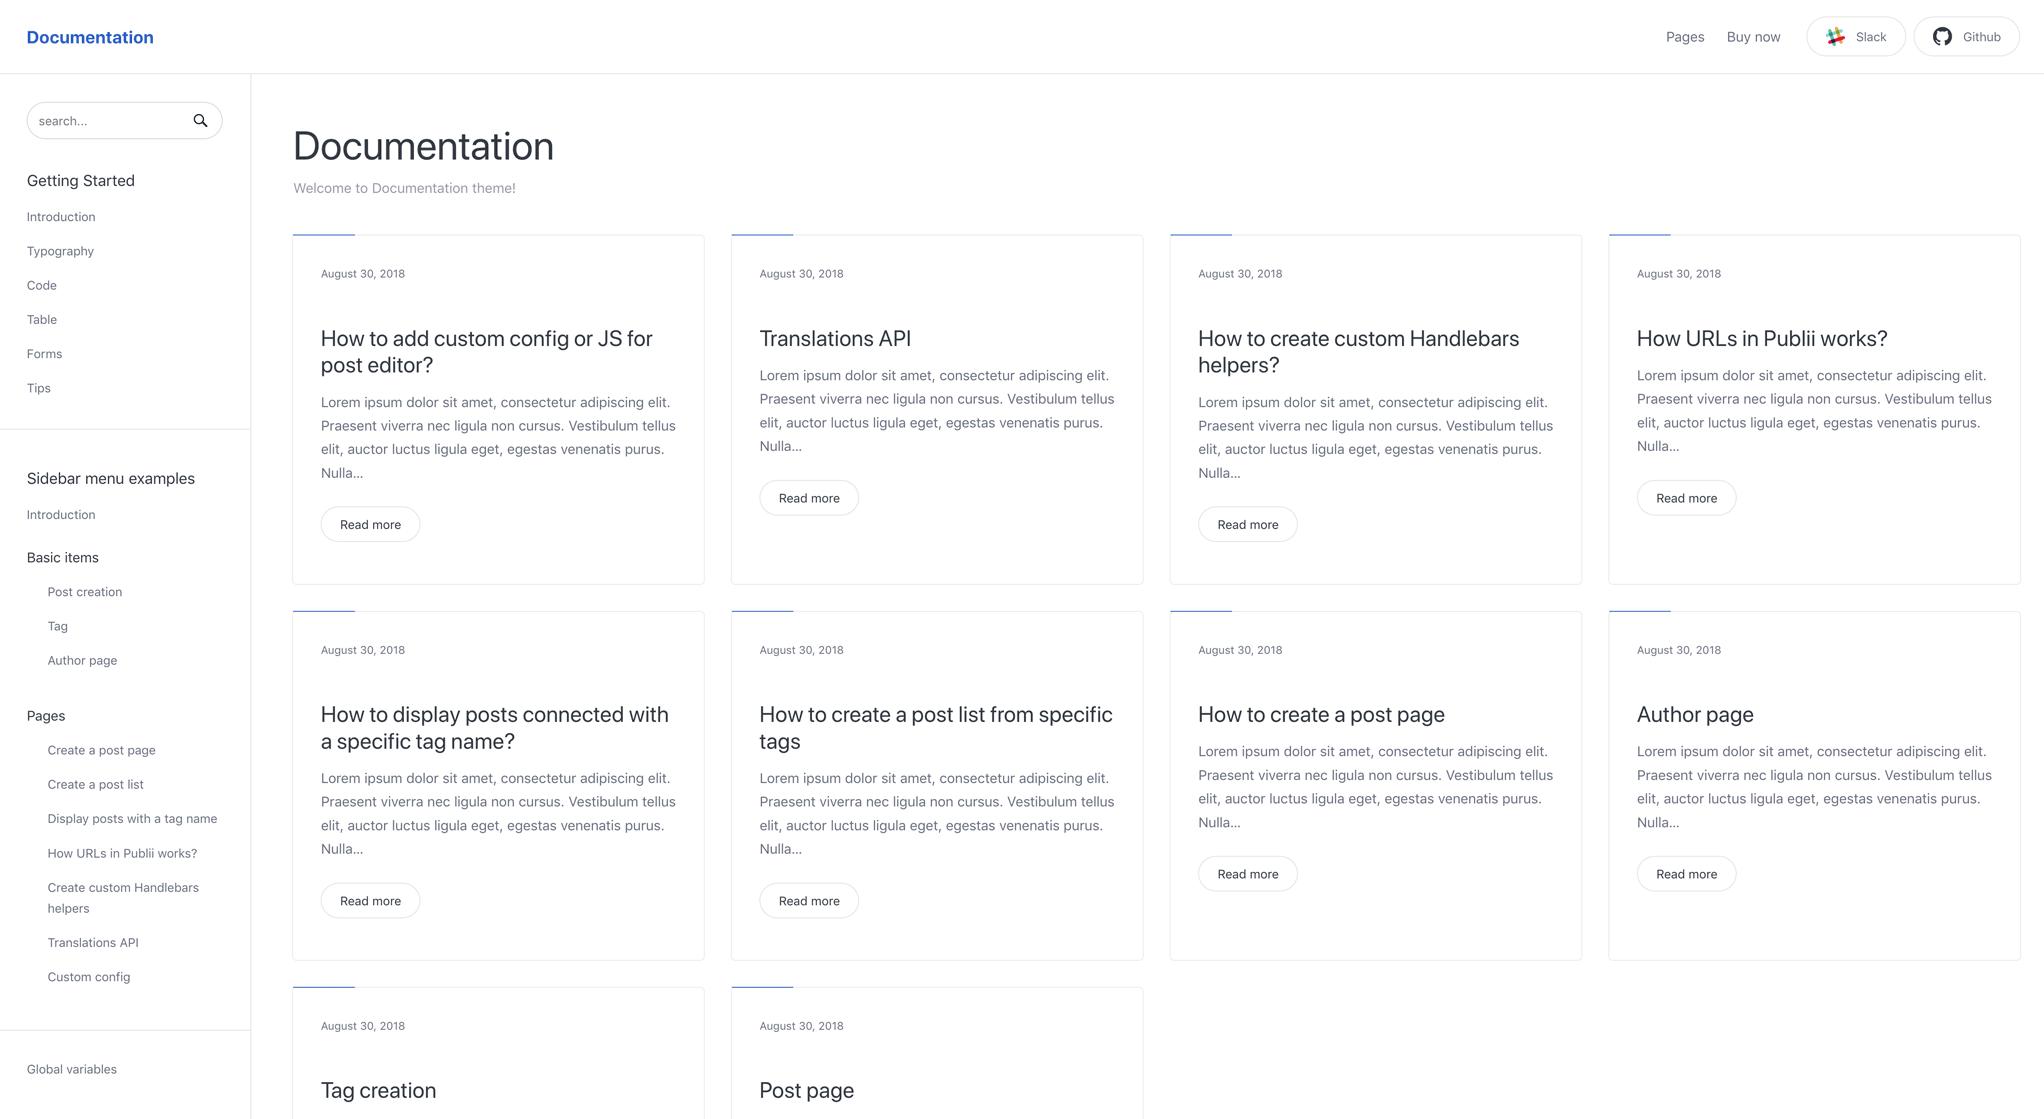 Documentation theme cards layout